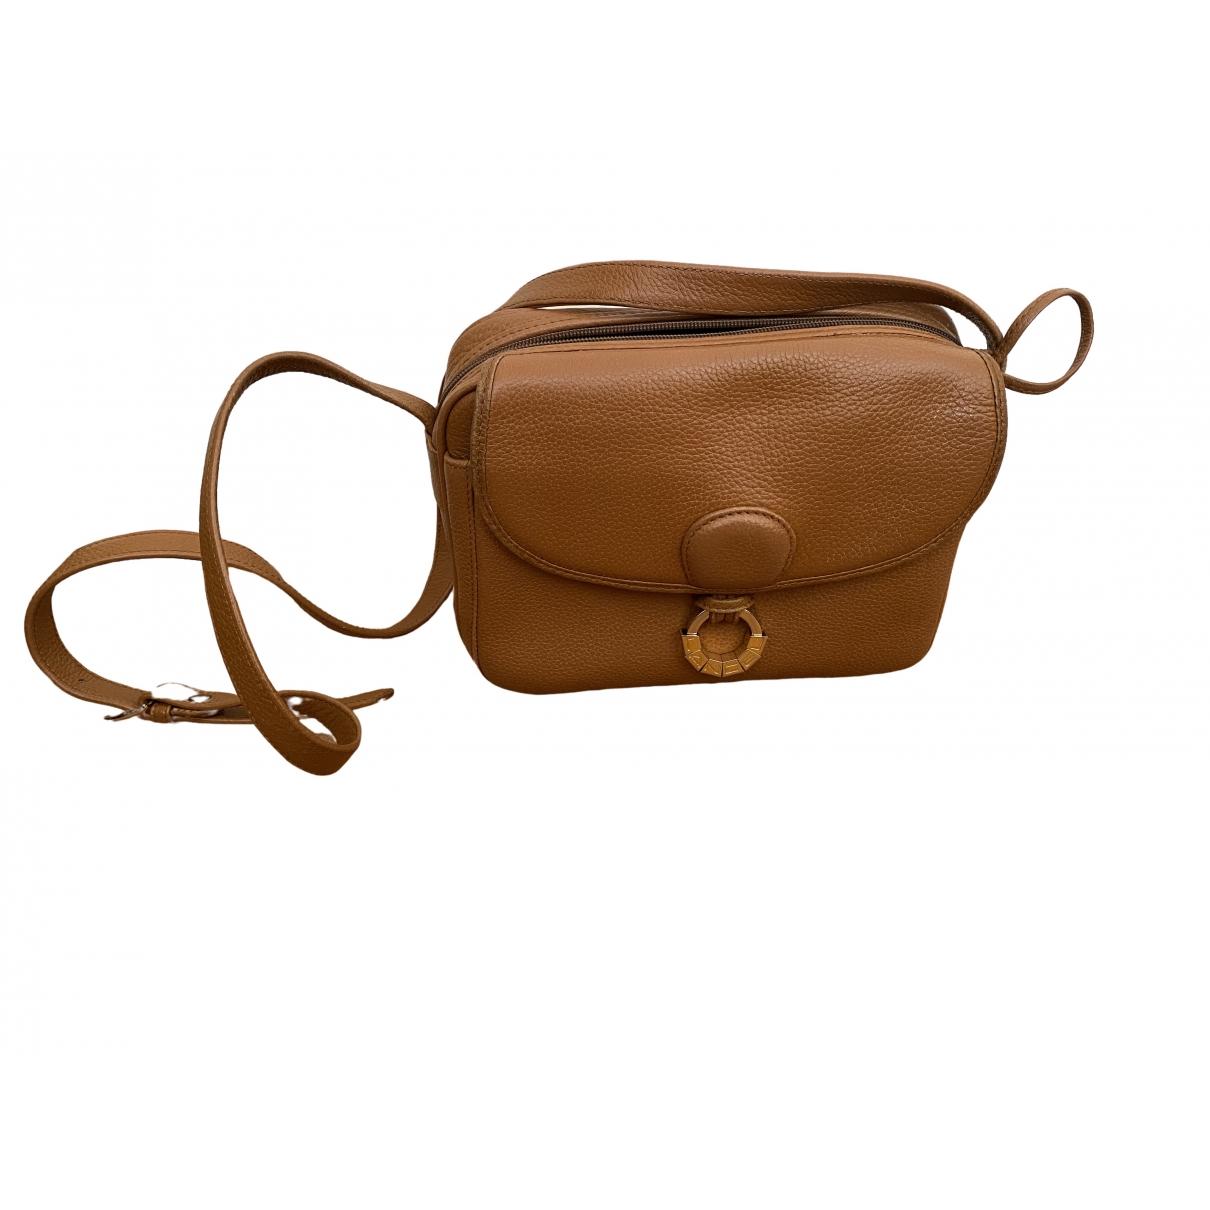 Lancel \N Handtasche in  Kamel Leder